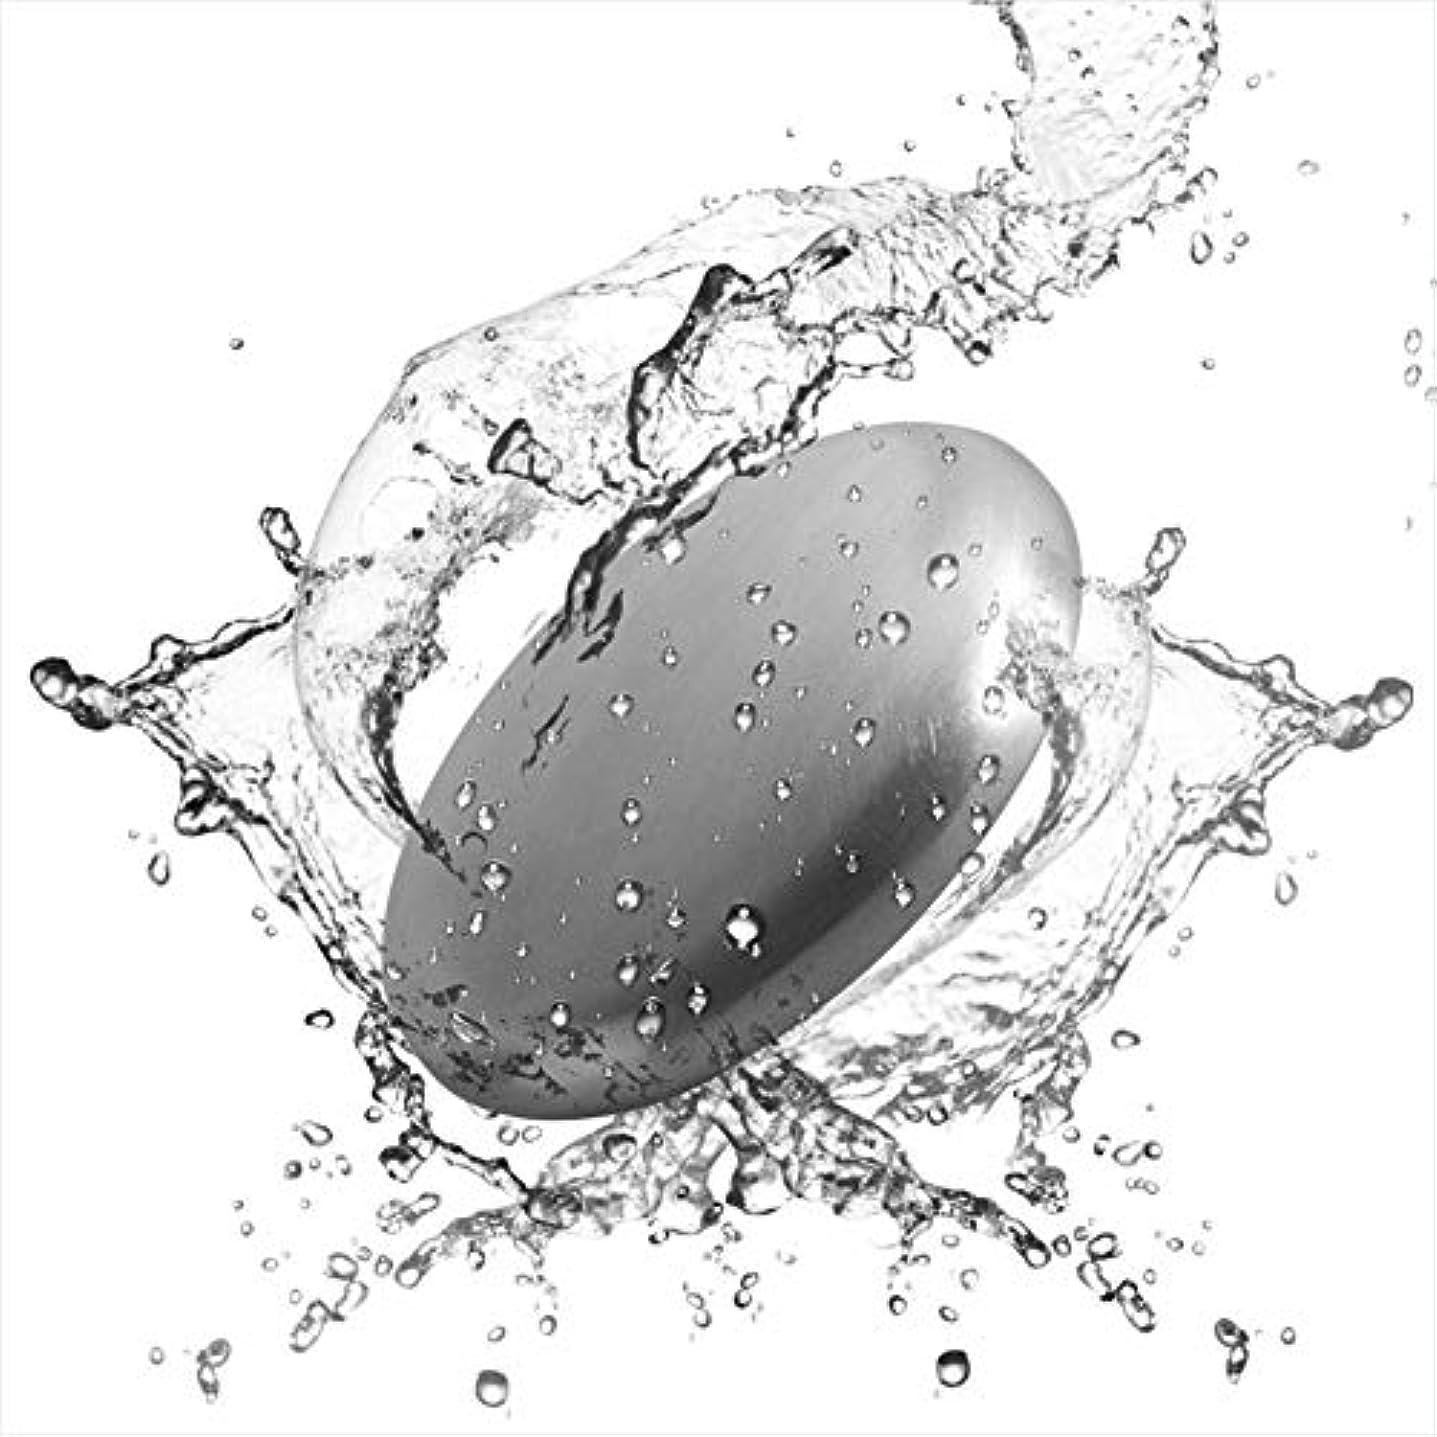 損失たまにゲージRefoiner ステンレス製品 ソープ 実用的な台所用具 石鹸 魚臭 玉ねぎやニンニク 異臭を取り除く 2個